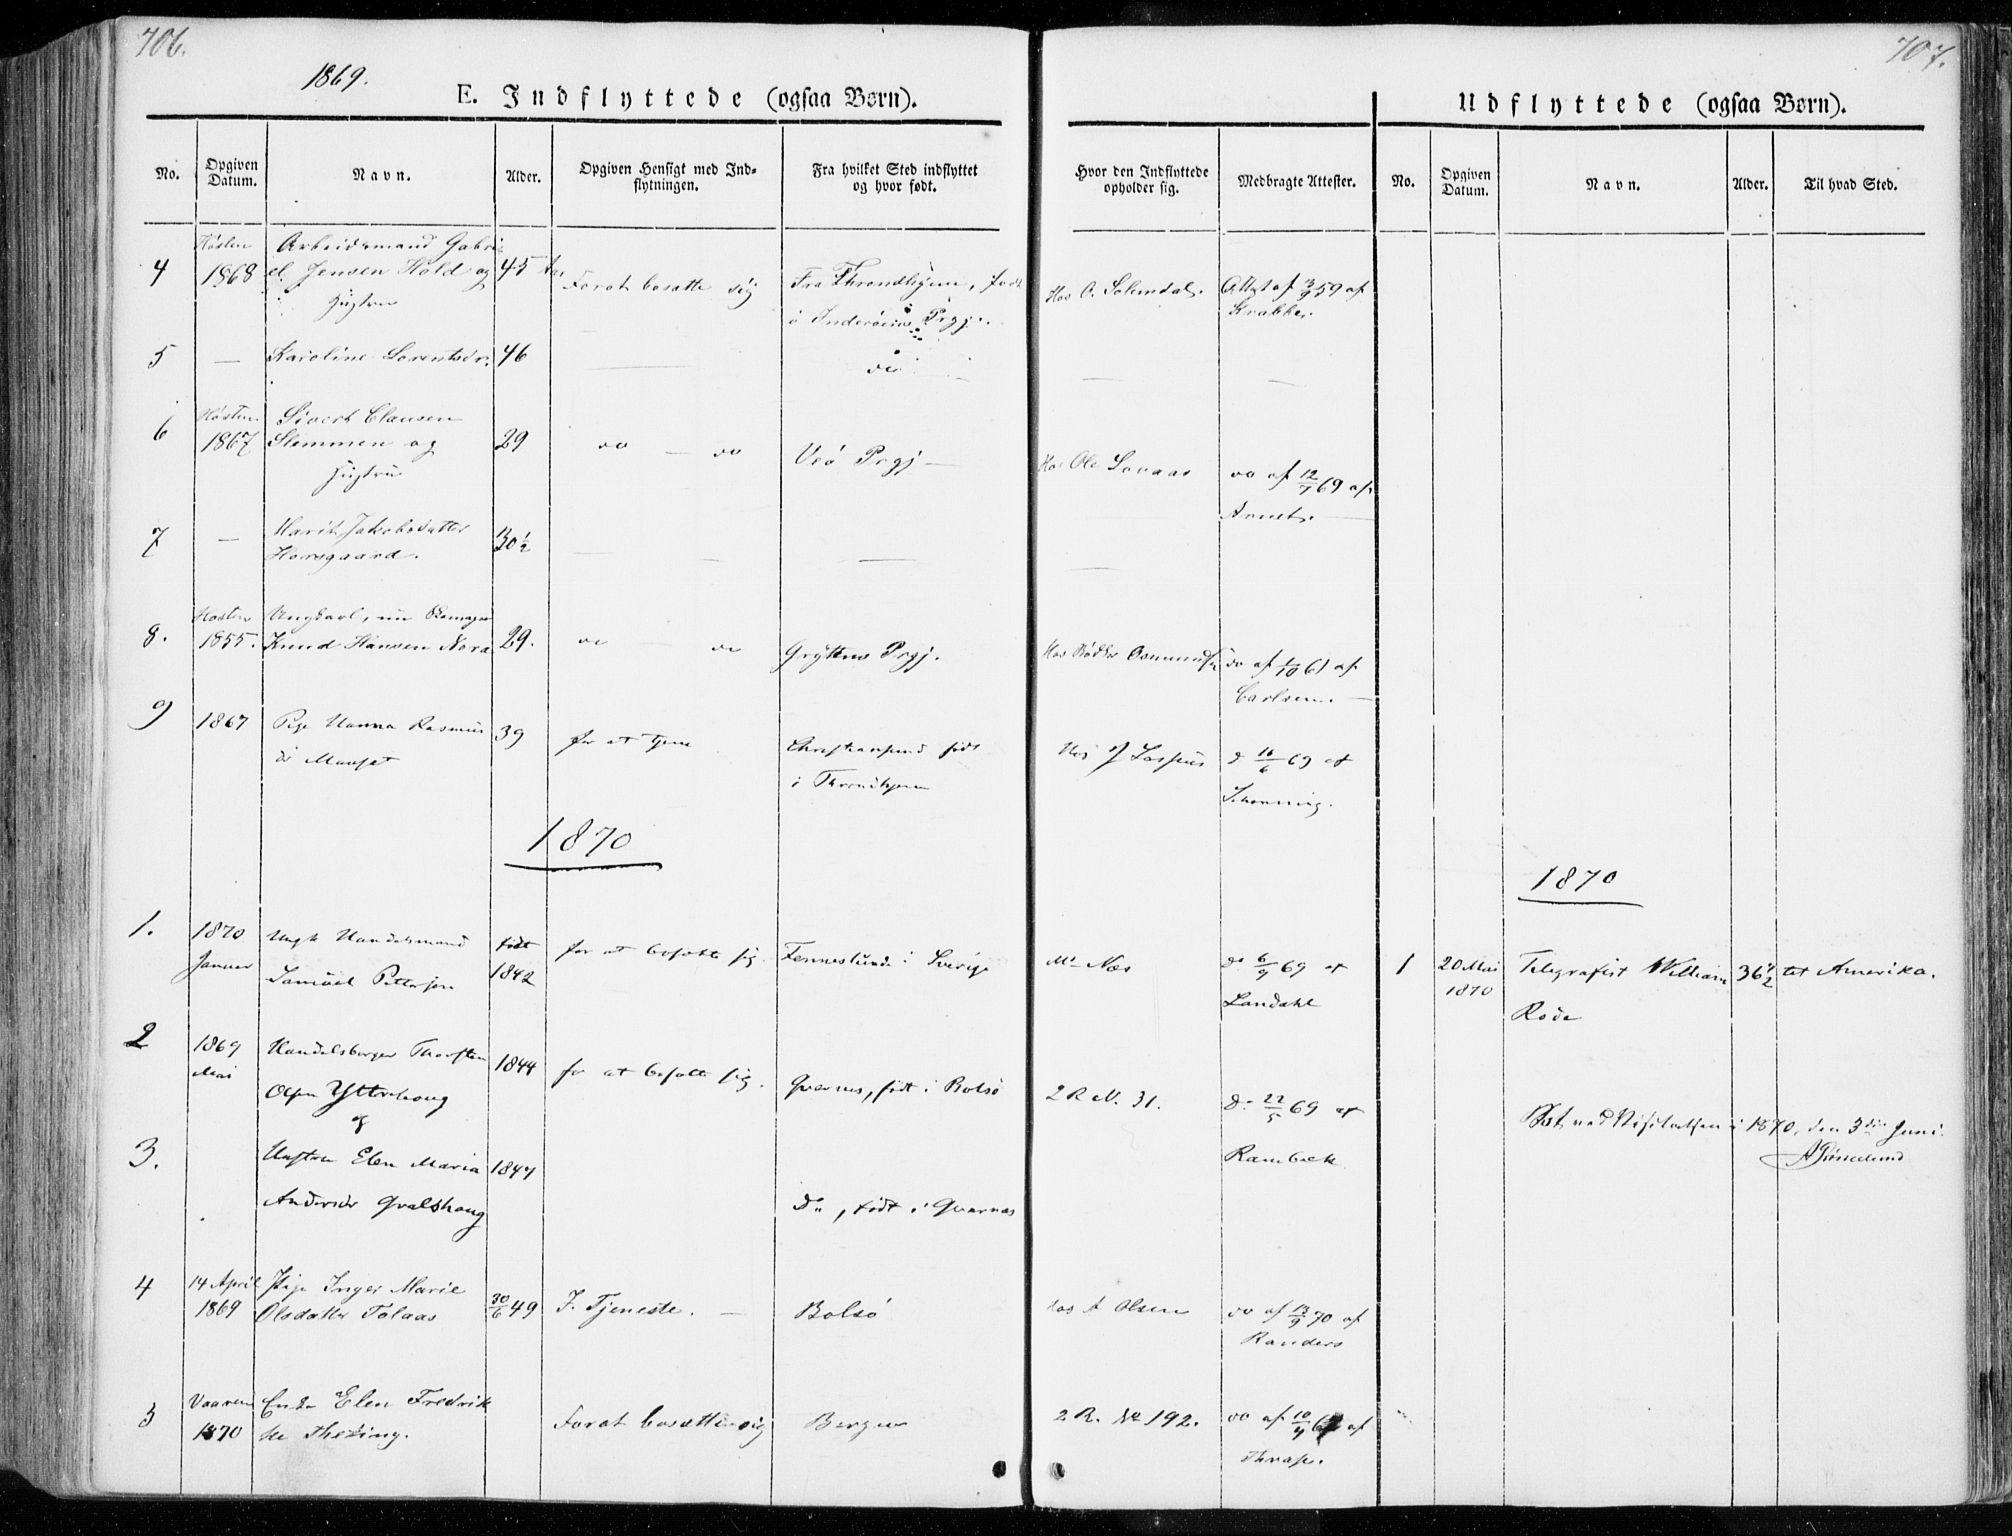 SAT, Ministerialprotokoller, klokkerbøker og fødselsregistre - Møre og Romsdal, 558/L0689: Ministerialbok nr. 558A03, 1843-1872, s. 706-707